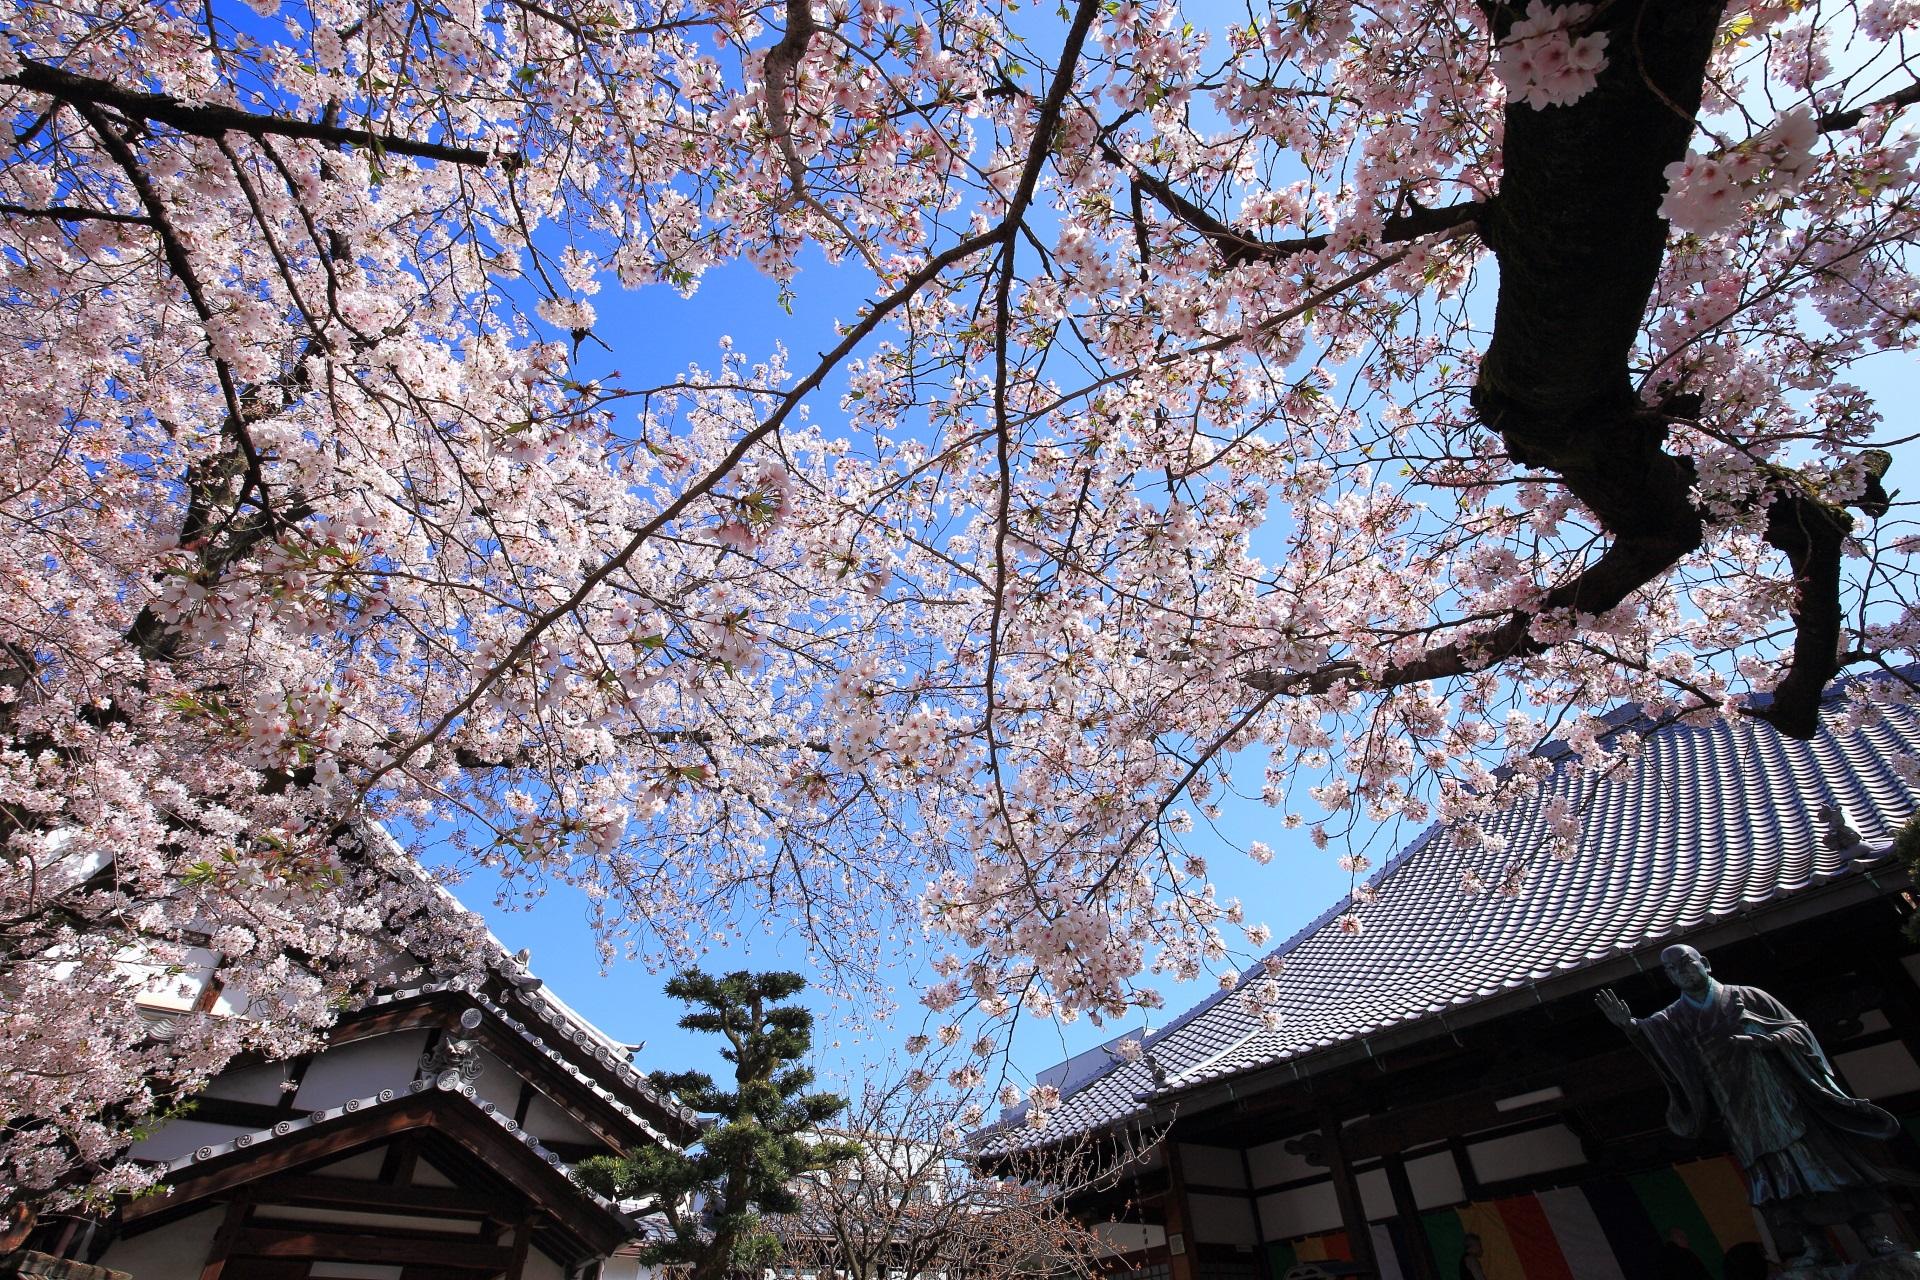 墨染寺の日蓮上人像と桜